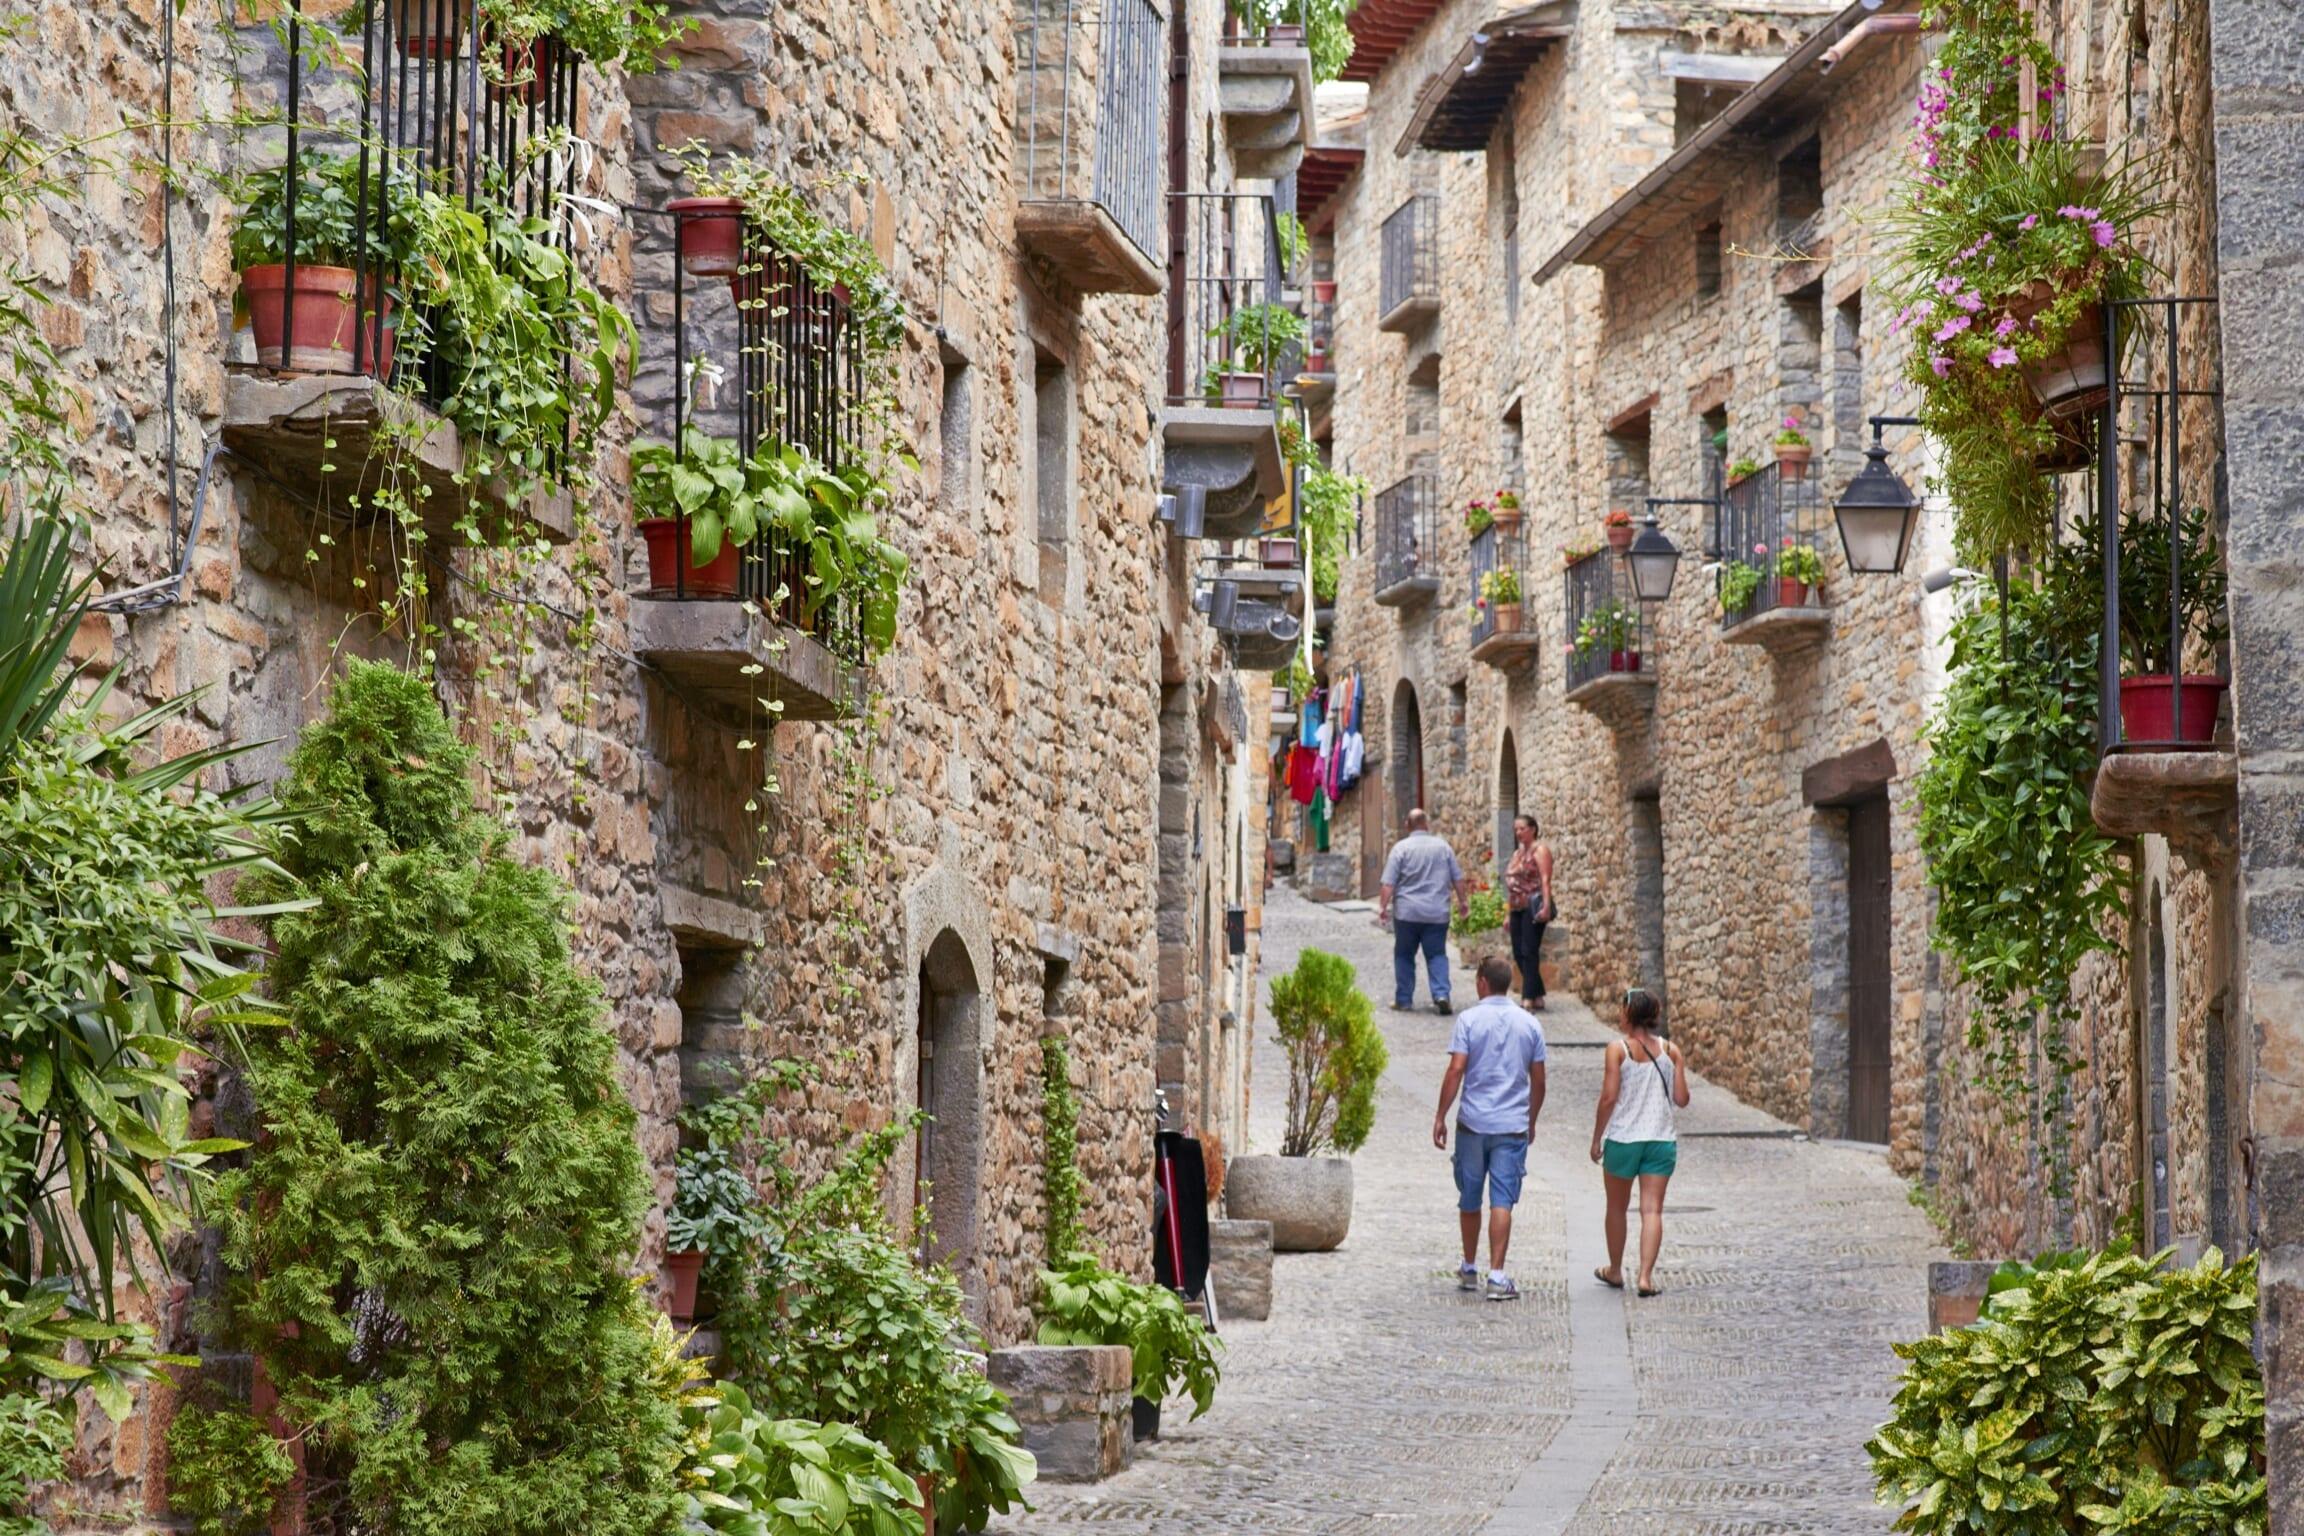 北スペインの観光スポットであるピレネーのアインサ